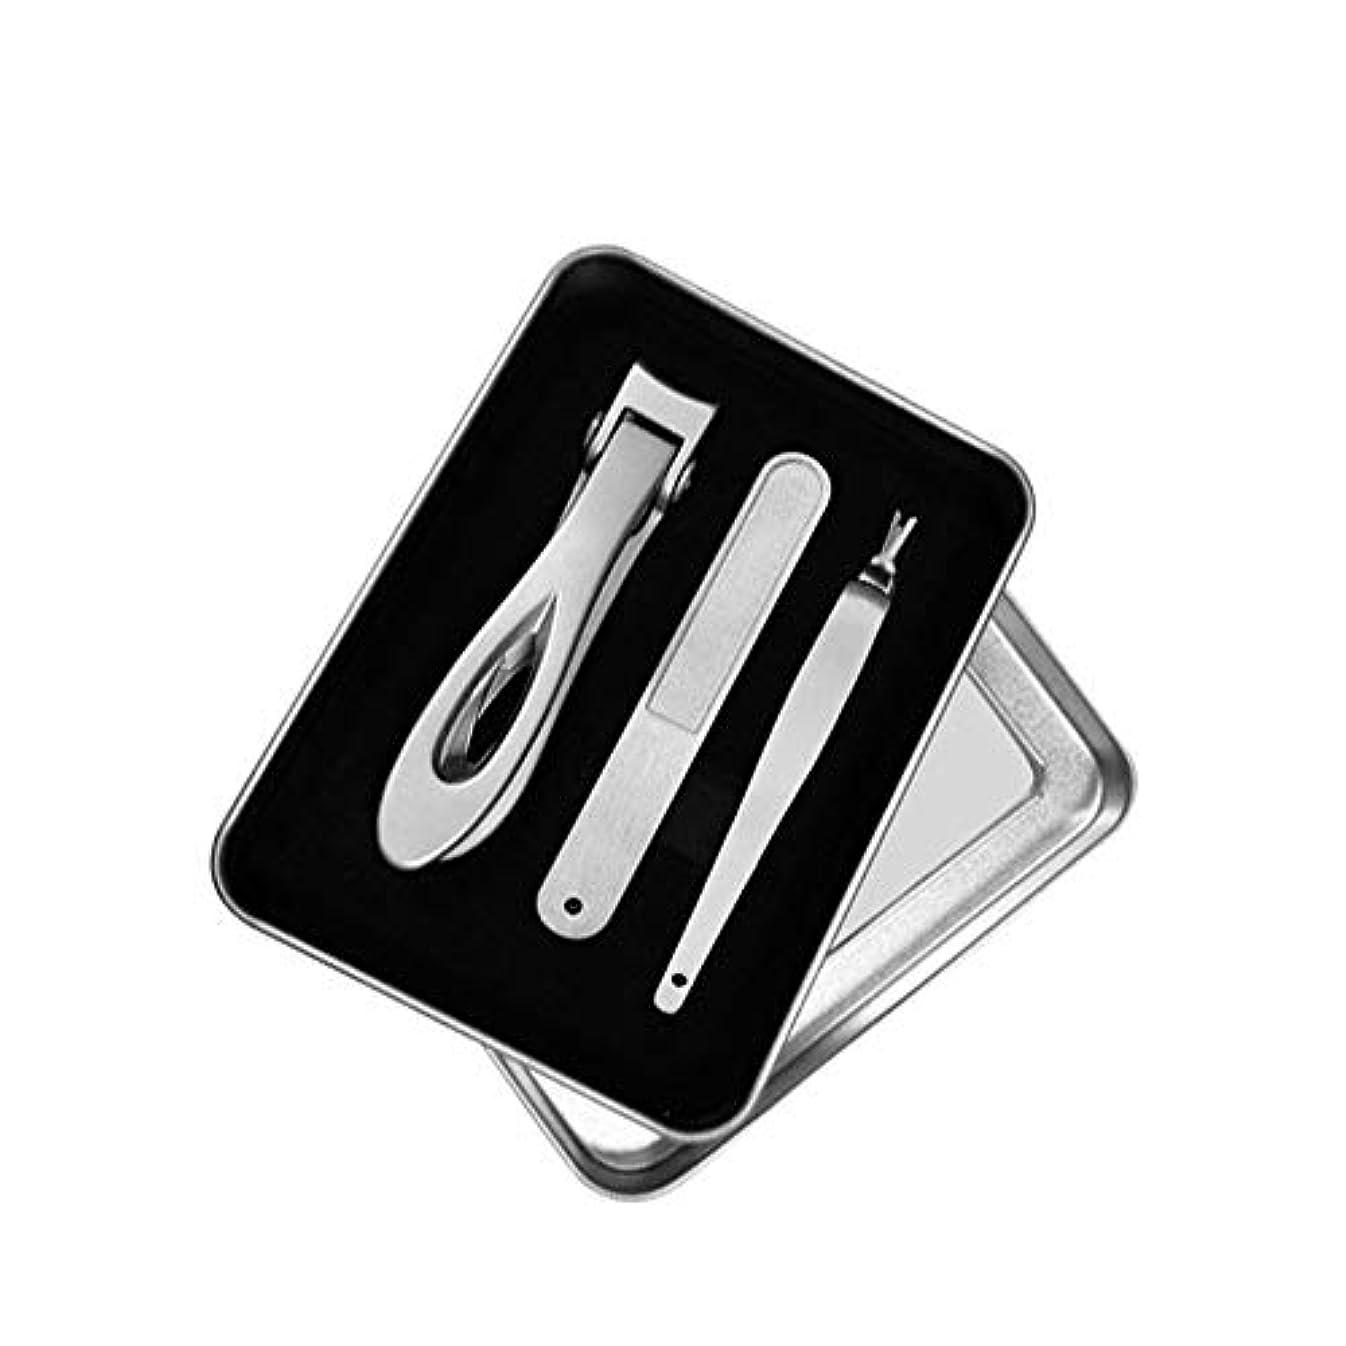 のヒープ乙女カメラ口の大きい爪切り 高級つめきり ステンレス製爪切りセット収納ケース付き、シルバー、3点セット